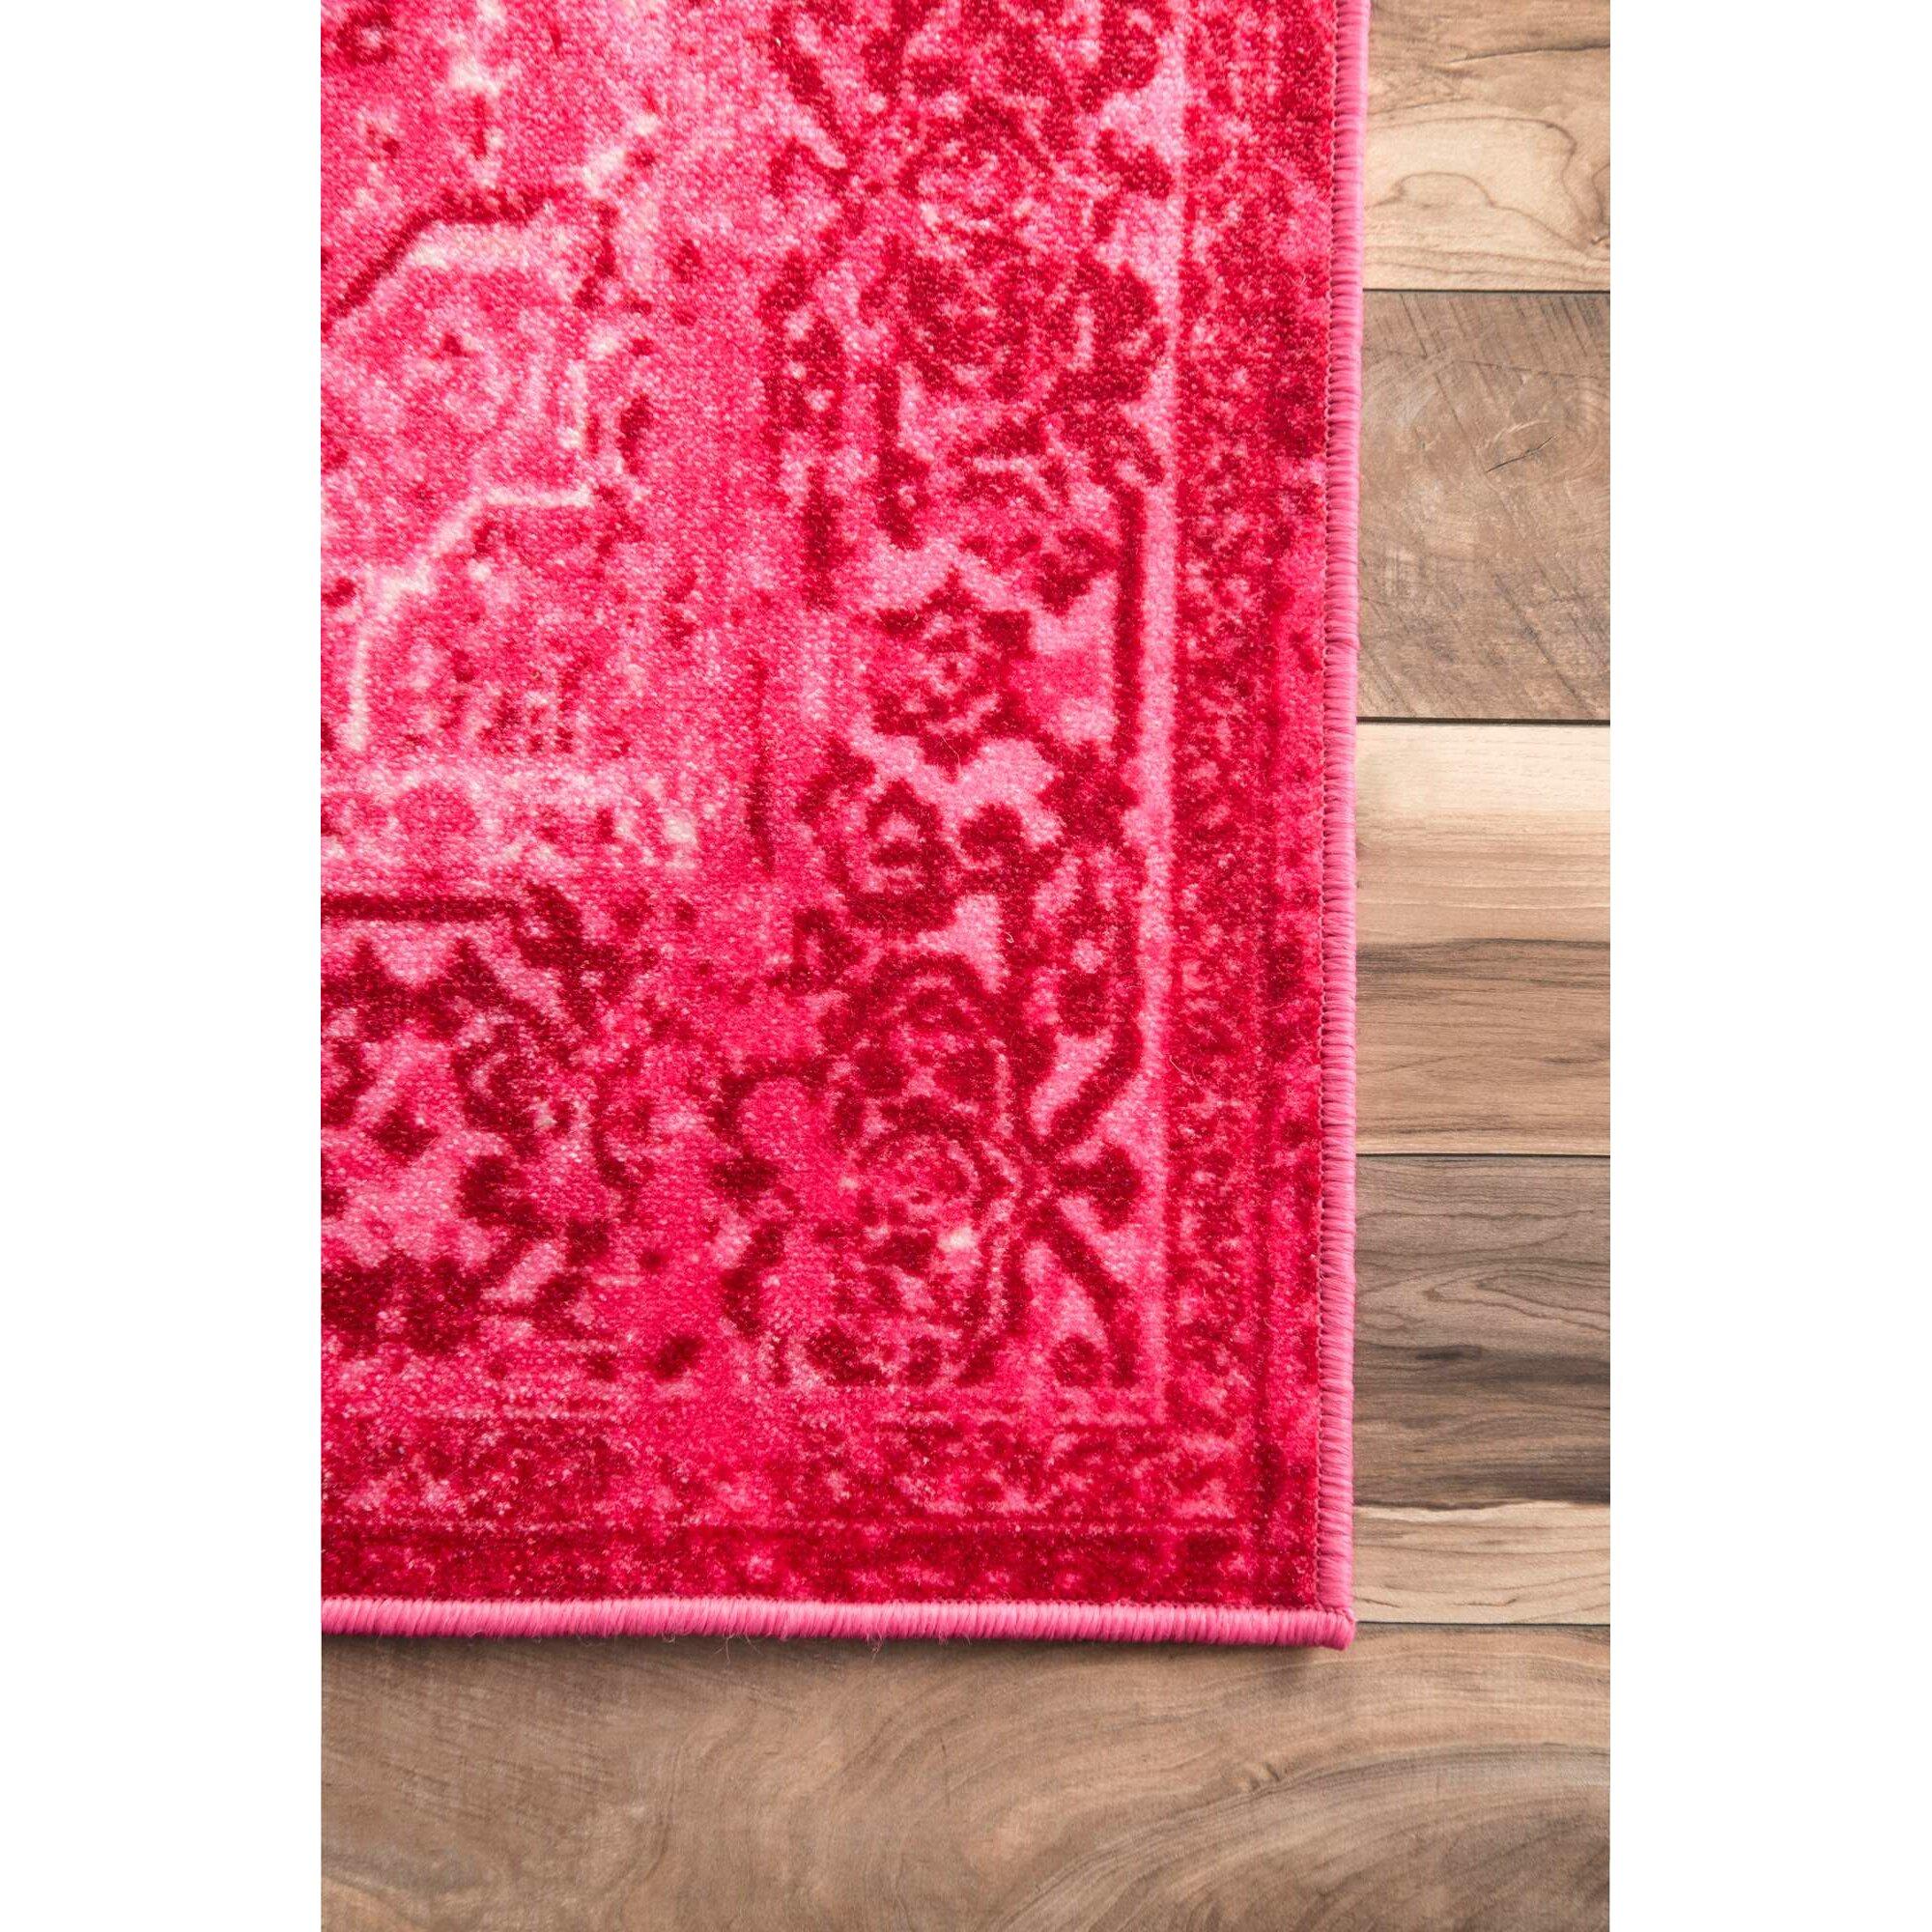 Reiko Pink Area Rug